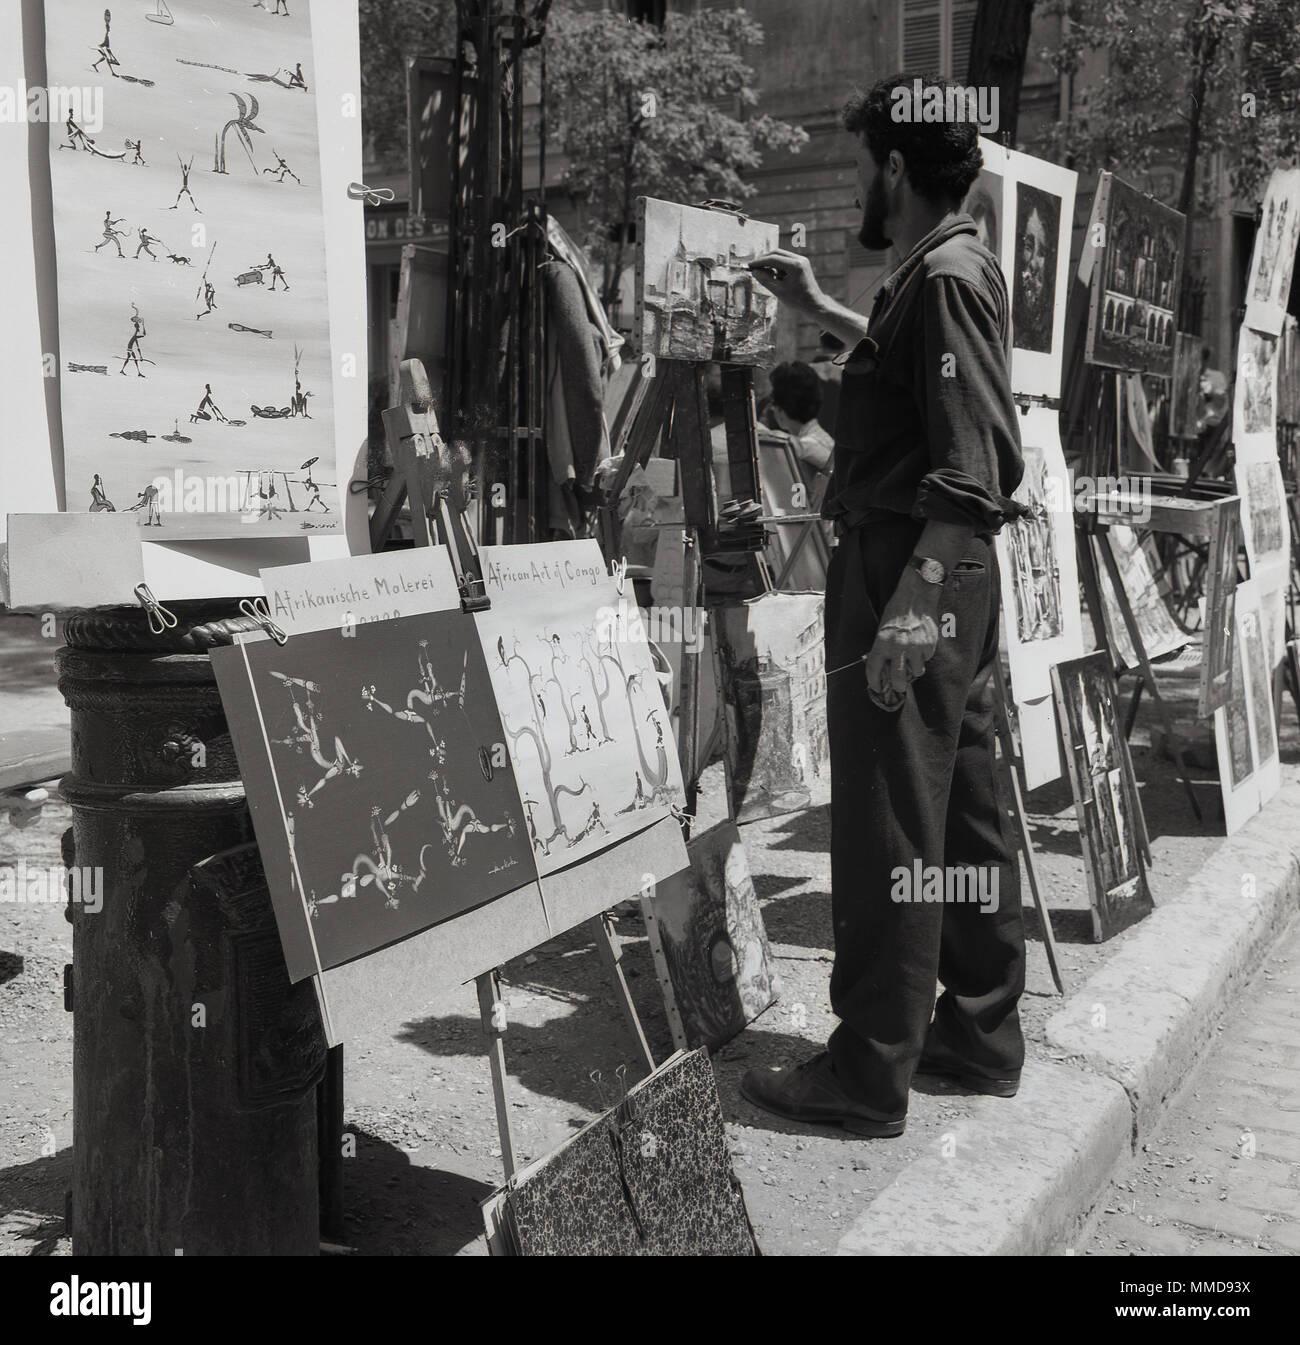 1950, foto histórica de un hombre de la calle, pintando sobre un lienzo en la Place du Tertre en Montmartre, París, Francia, una zona famosa por sus artistas y su historia artística, Foto de stock